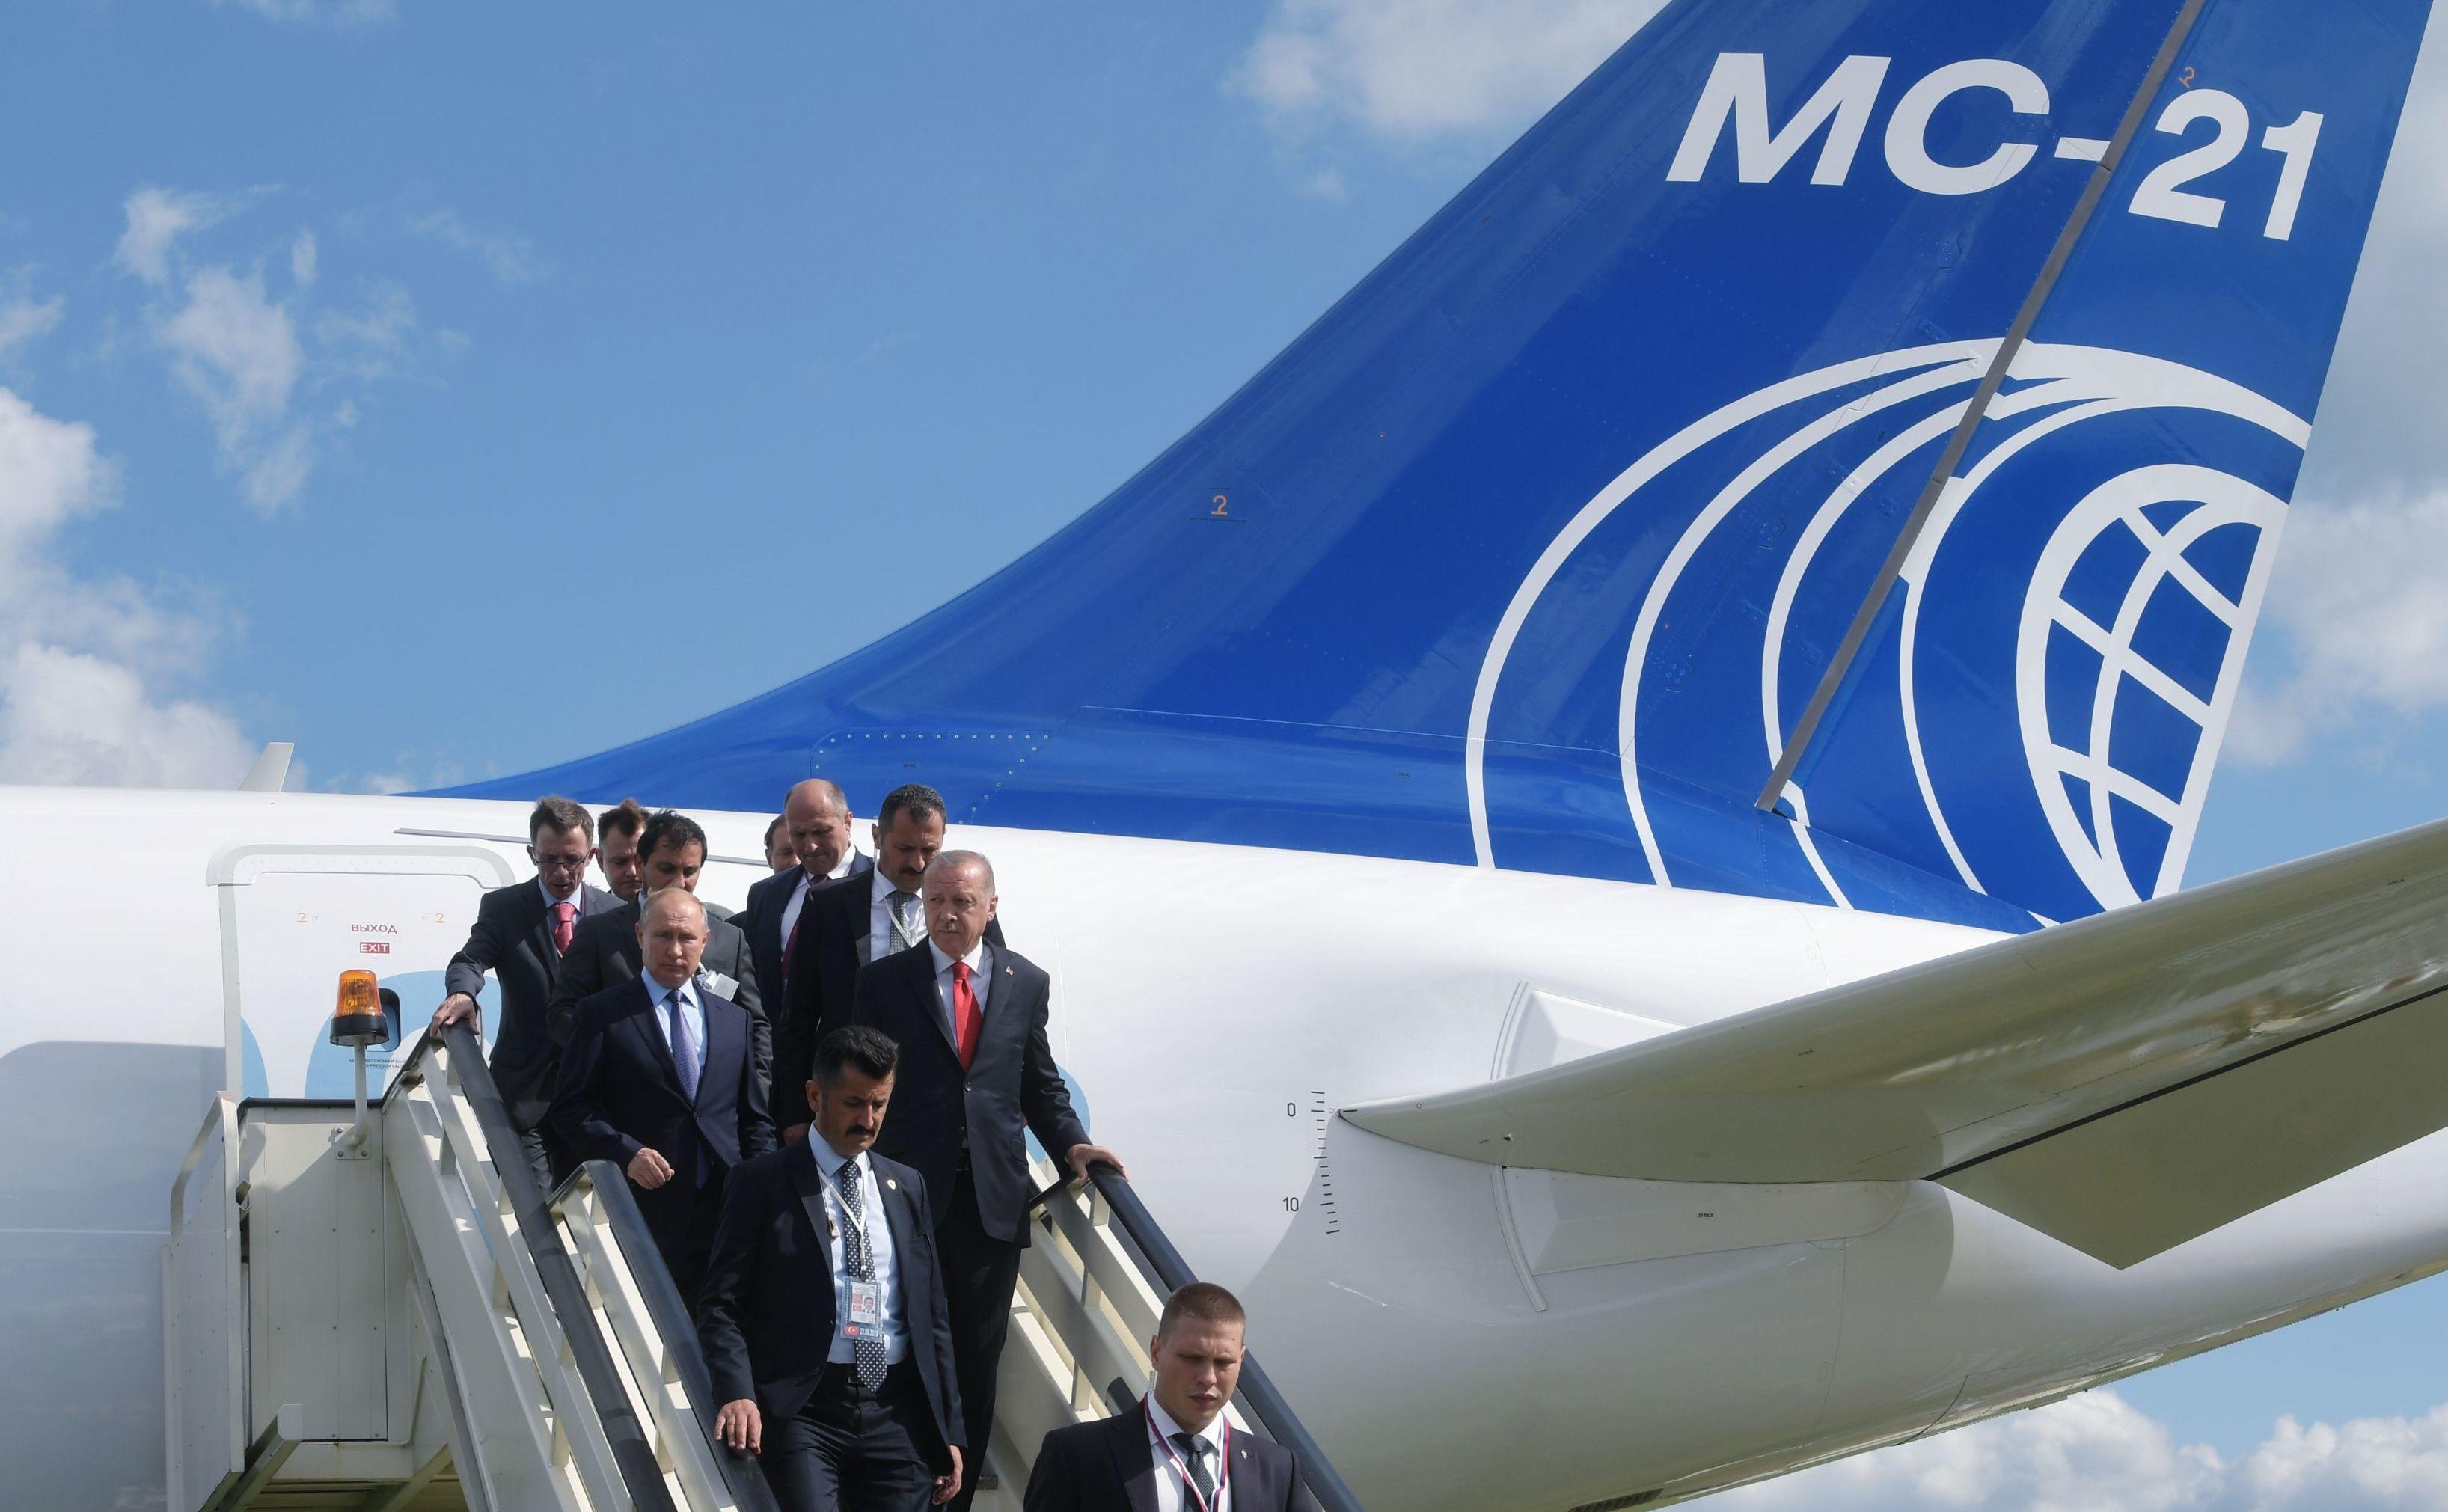 Putin y Erdogan examinan el nuevo MC-21